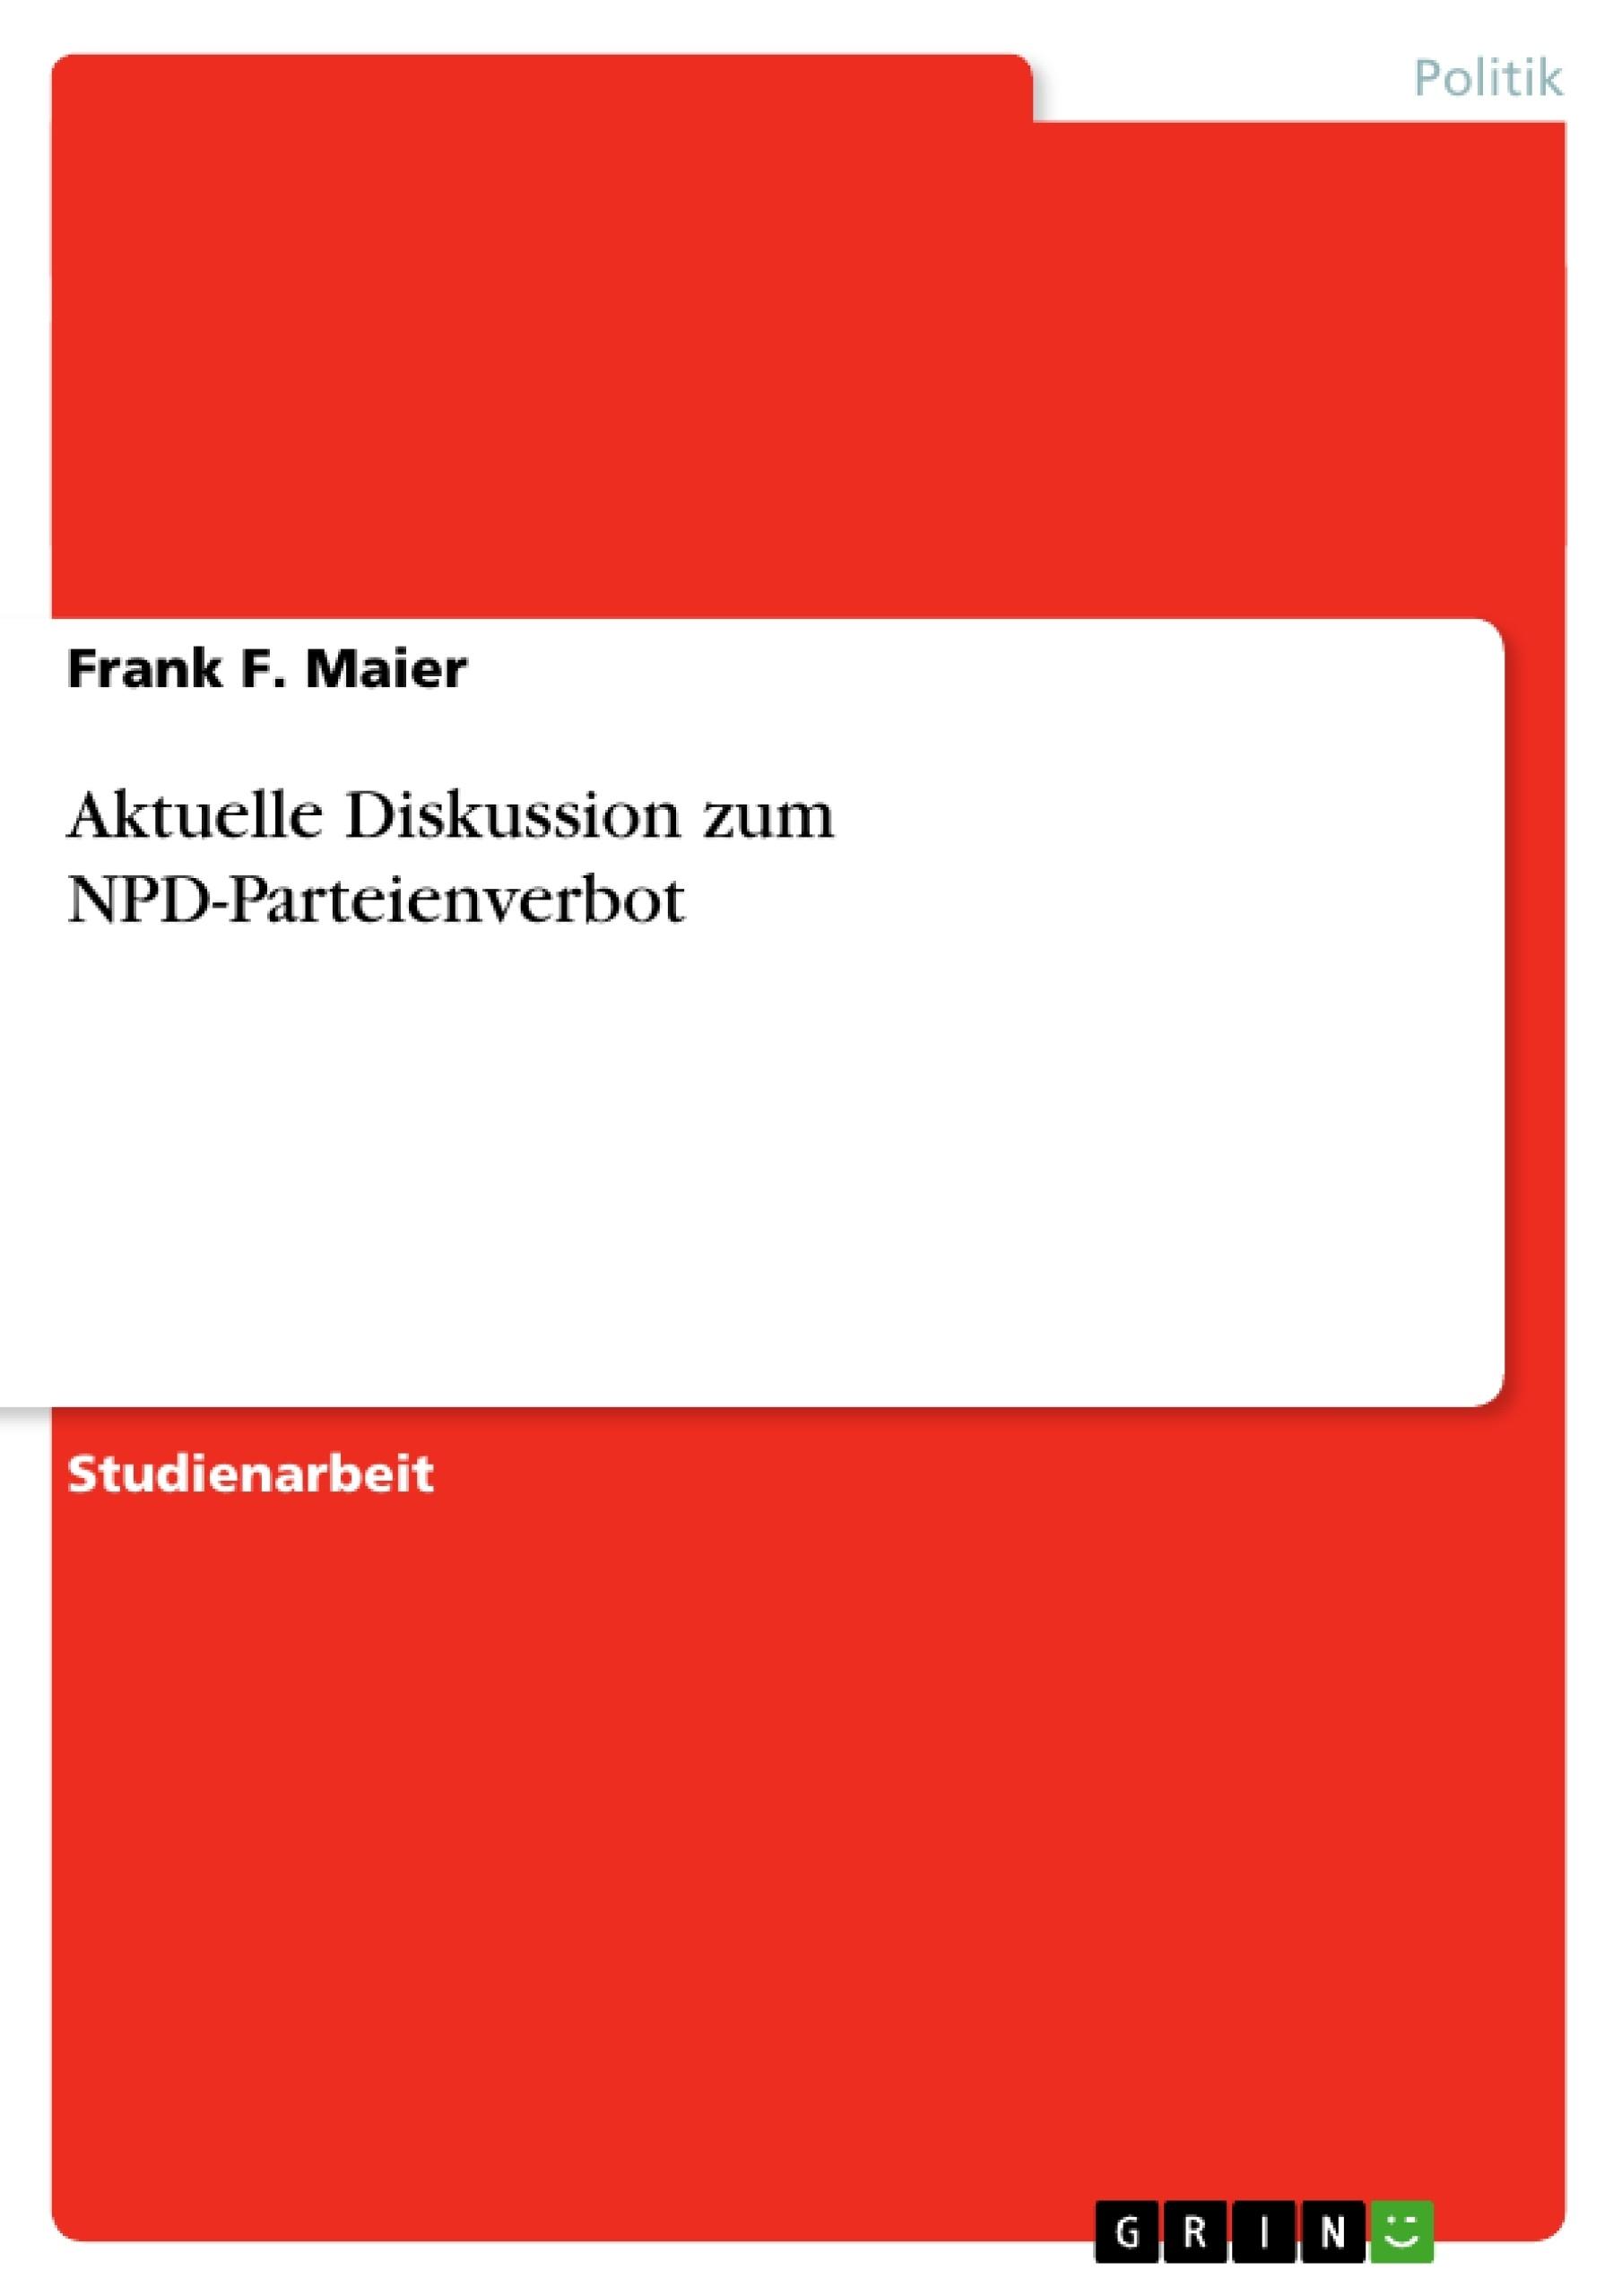 Titel: Aktuelle Diskussion zum NPD-Parteienverbot